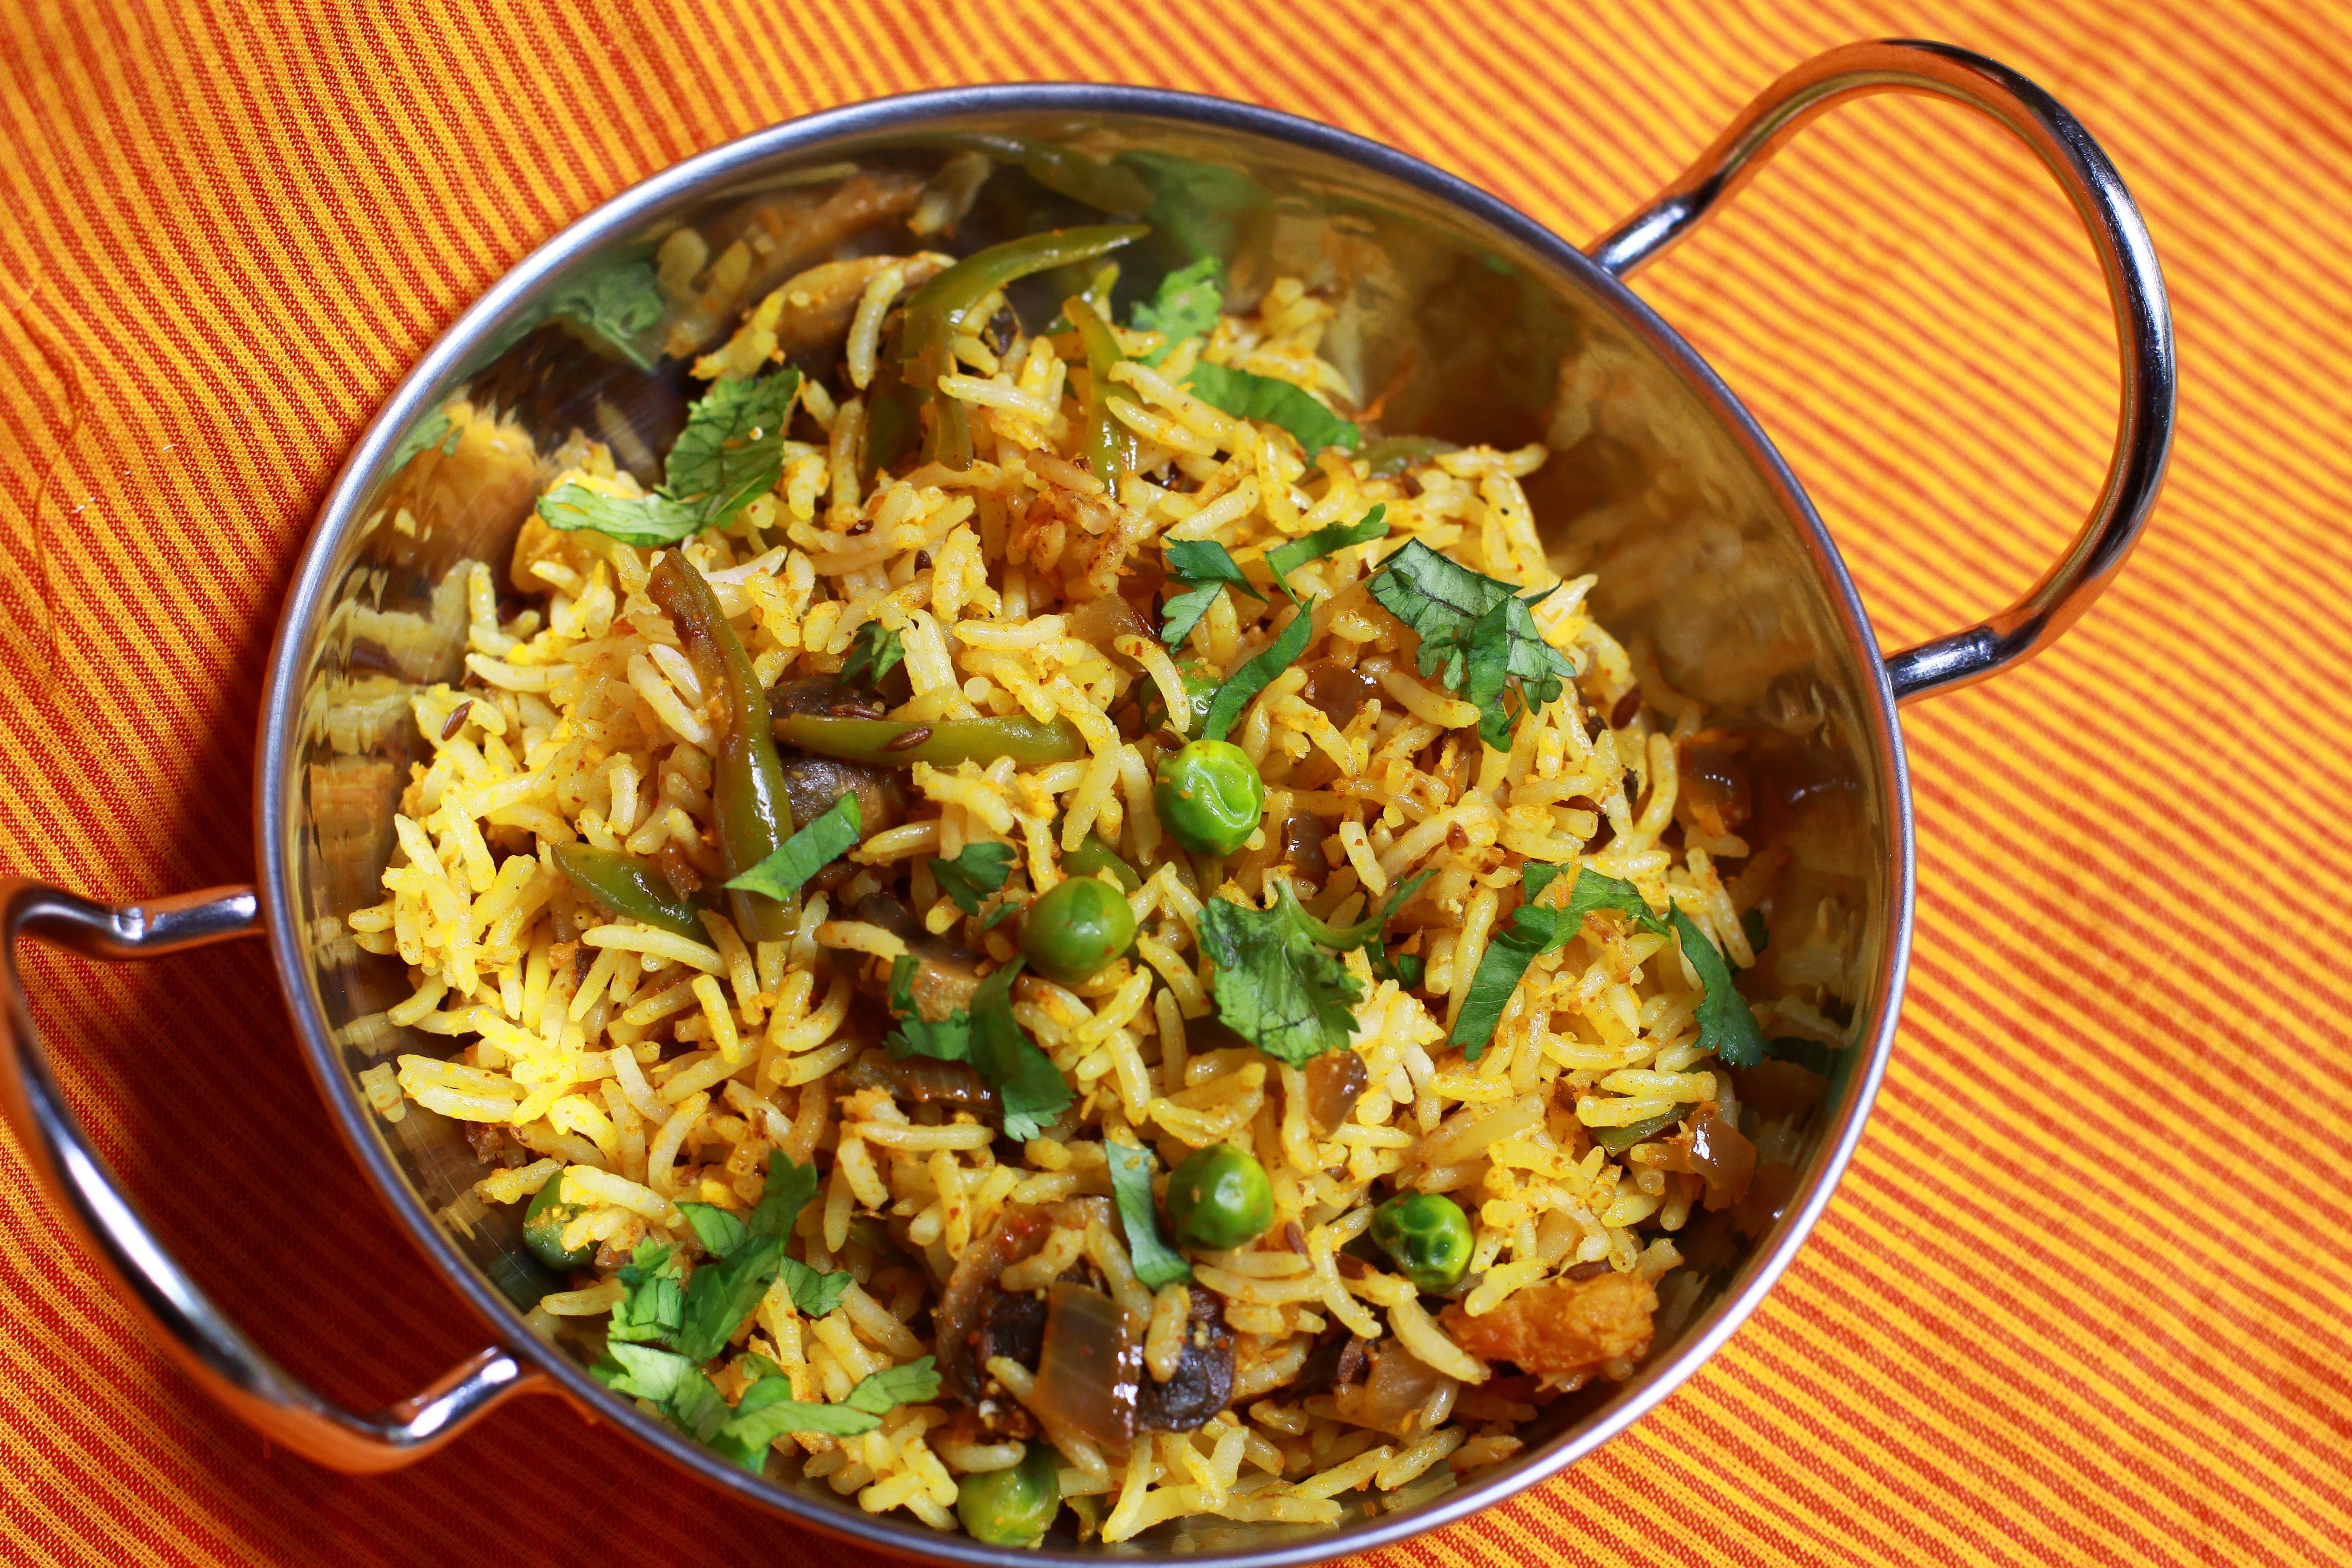 ... kerala pin it mushy peas kerala spiced peas serves 6 indian spiced pea